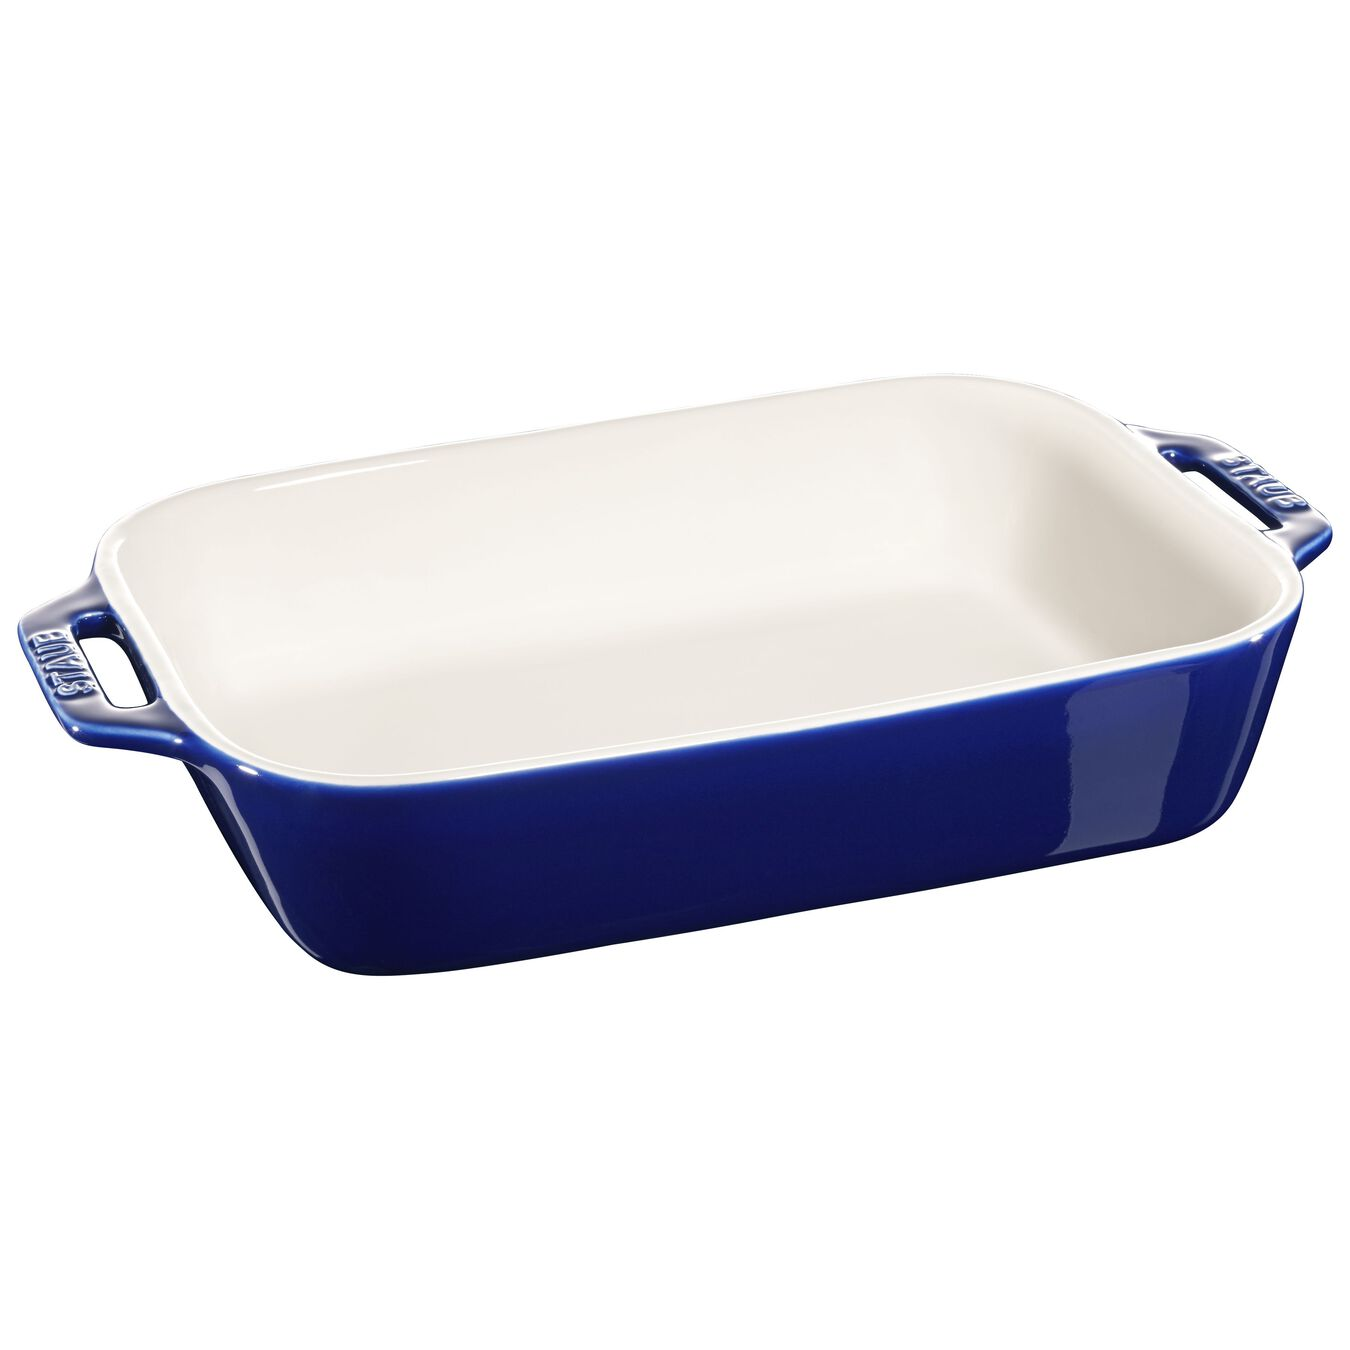 2-pcs rectangular Ensemble plats de cuisson pour le four, Dark-Blue,,large 2